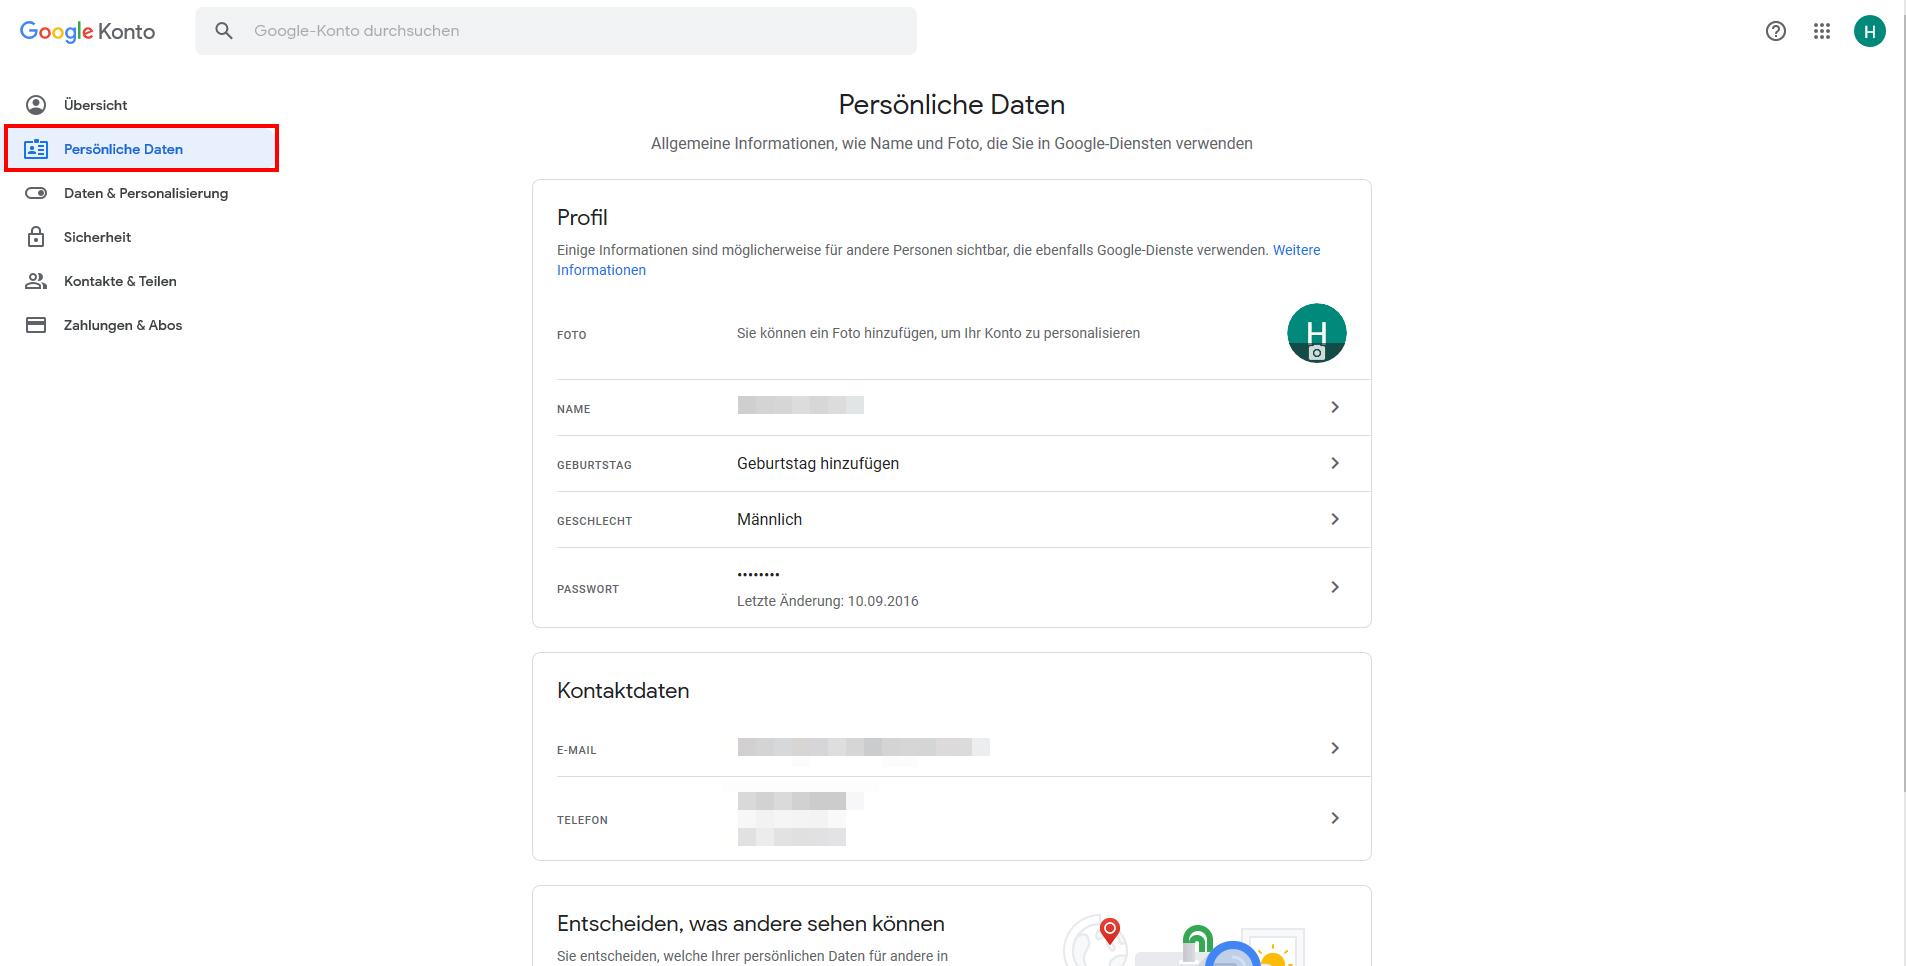 In Google Konto einloggen und Persönliche Daten verwalten